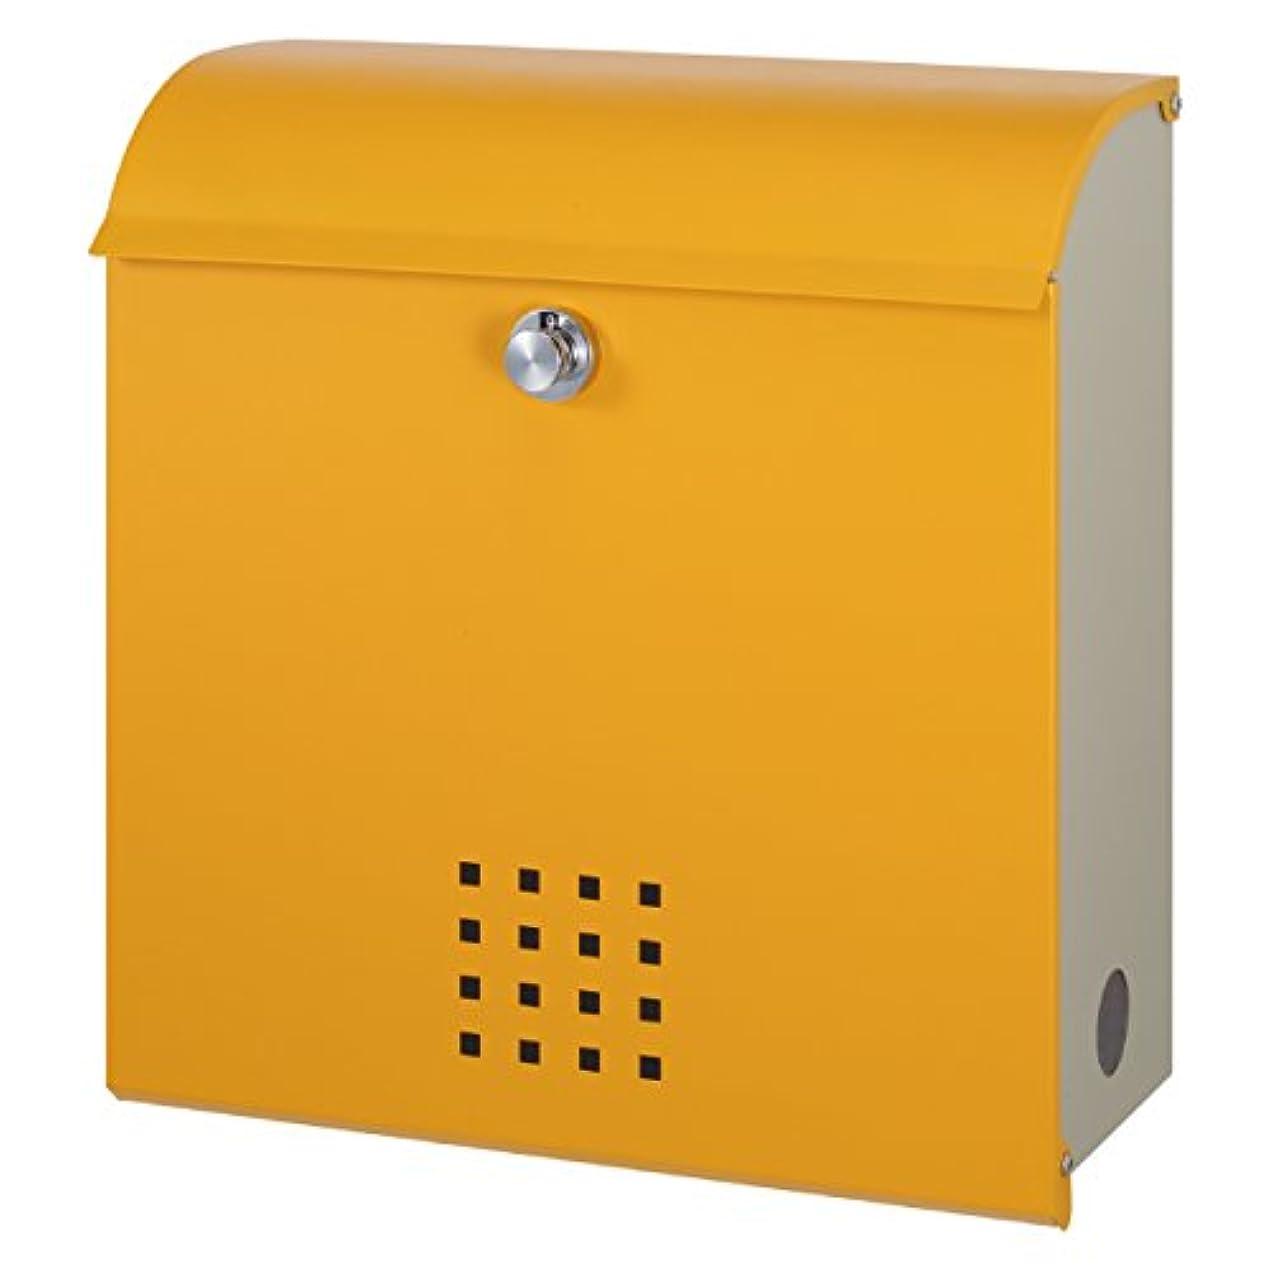 ダンス合法リル丸三タカギ メール便最大サイズ対応可能 大容量郵便ポスト(郵便受け) クレポス オレンジ(CR-3)